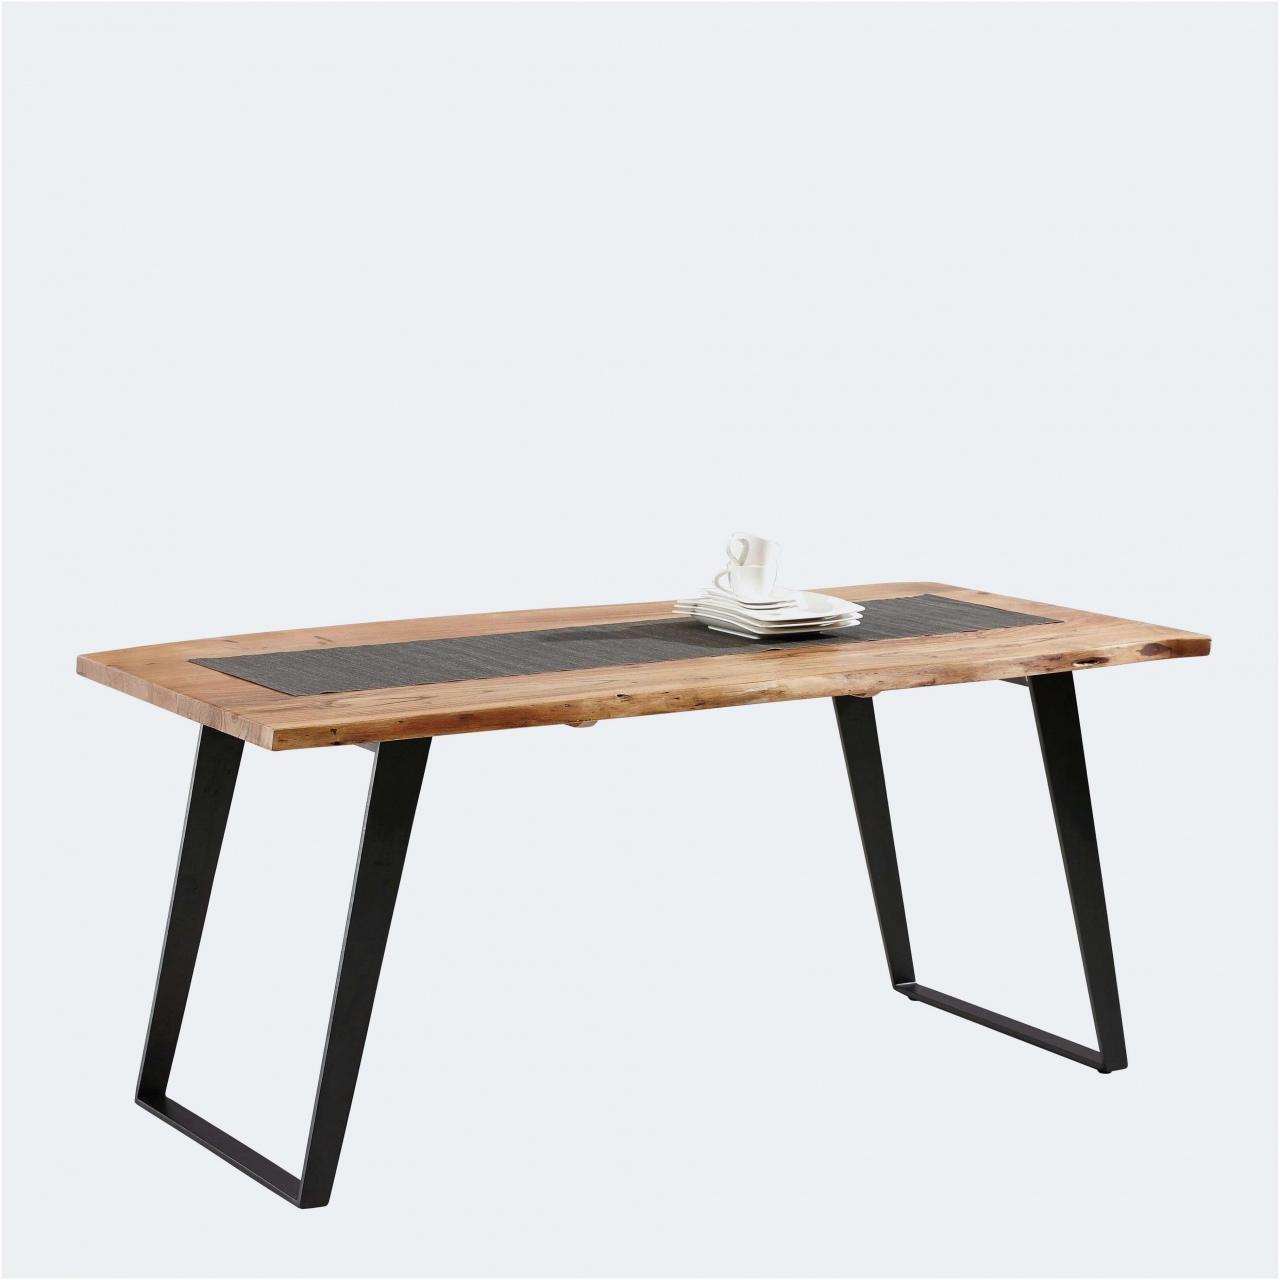 modern table sculpture inspire kaffetisch schon couchtisch aus metall couchtisch bauen 0d of modern table sculpture 2